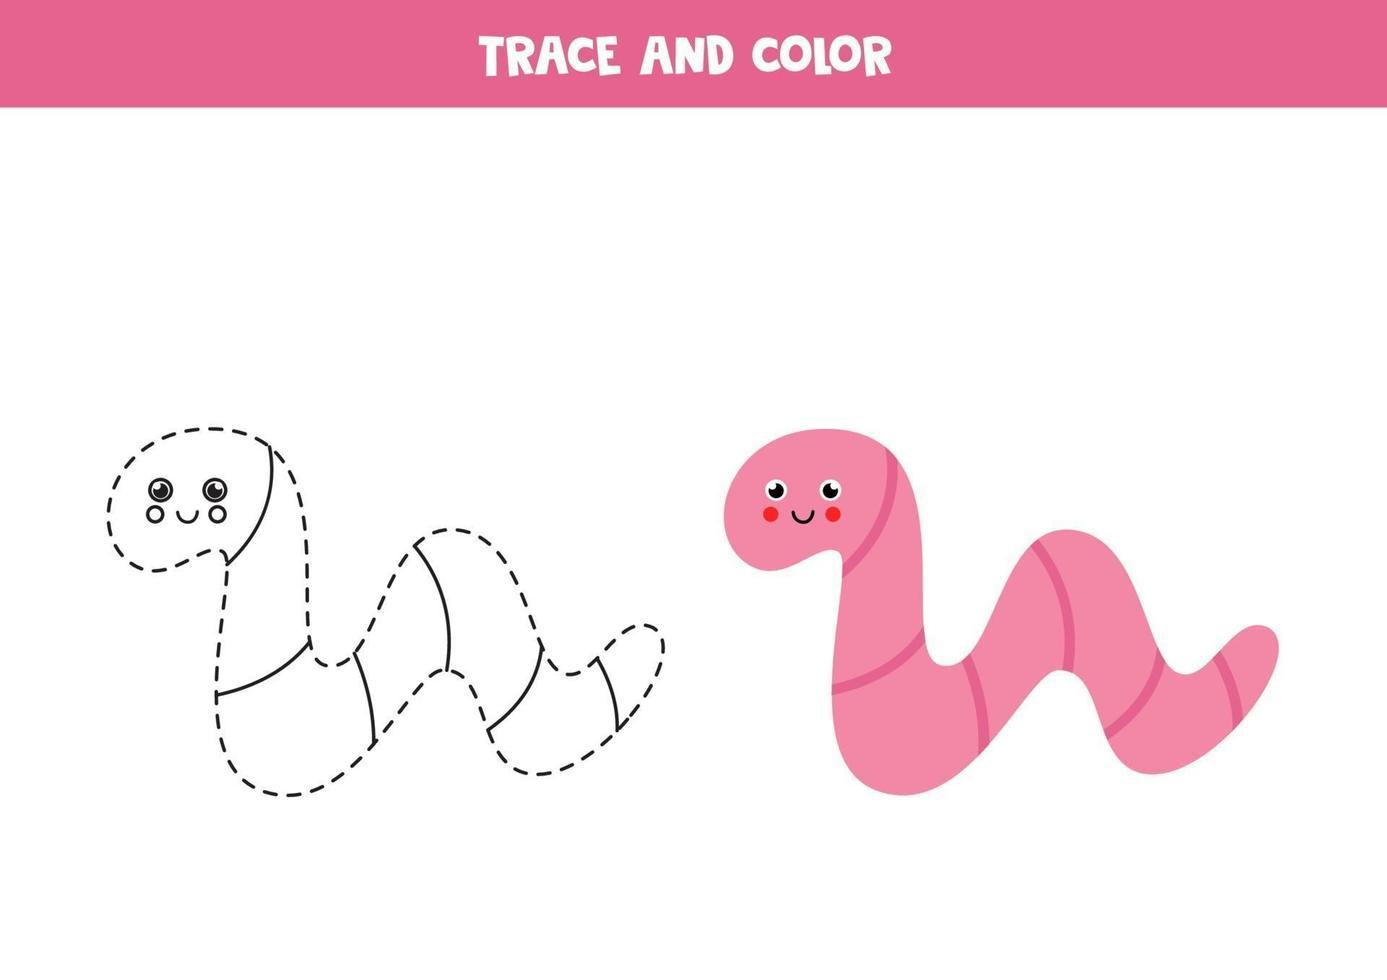 tracez et coloriez le ver mignon. feuille de calcul pour les enfants. vecteur